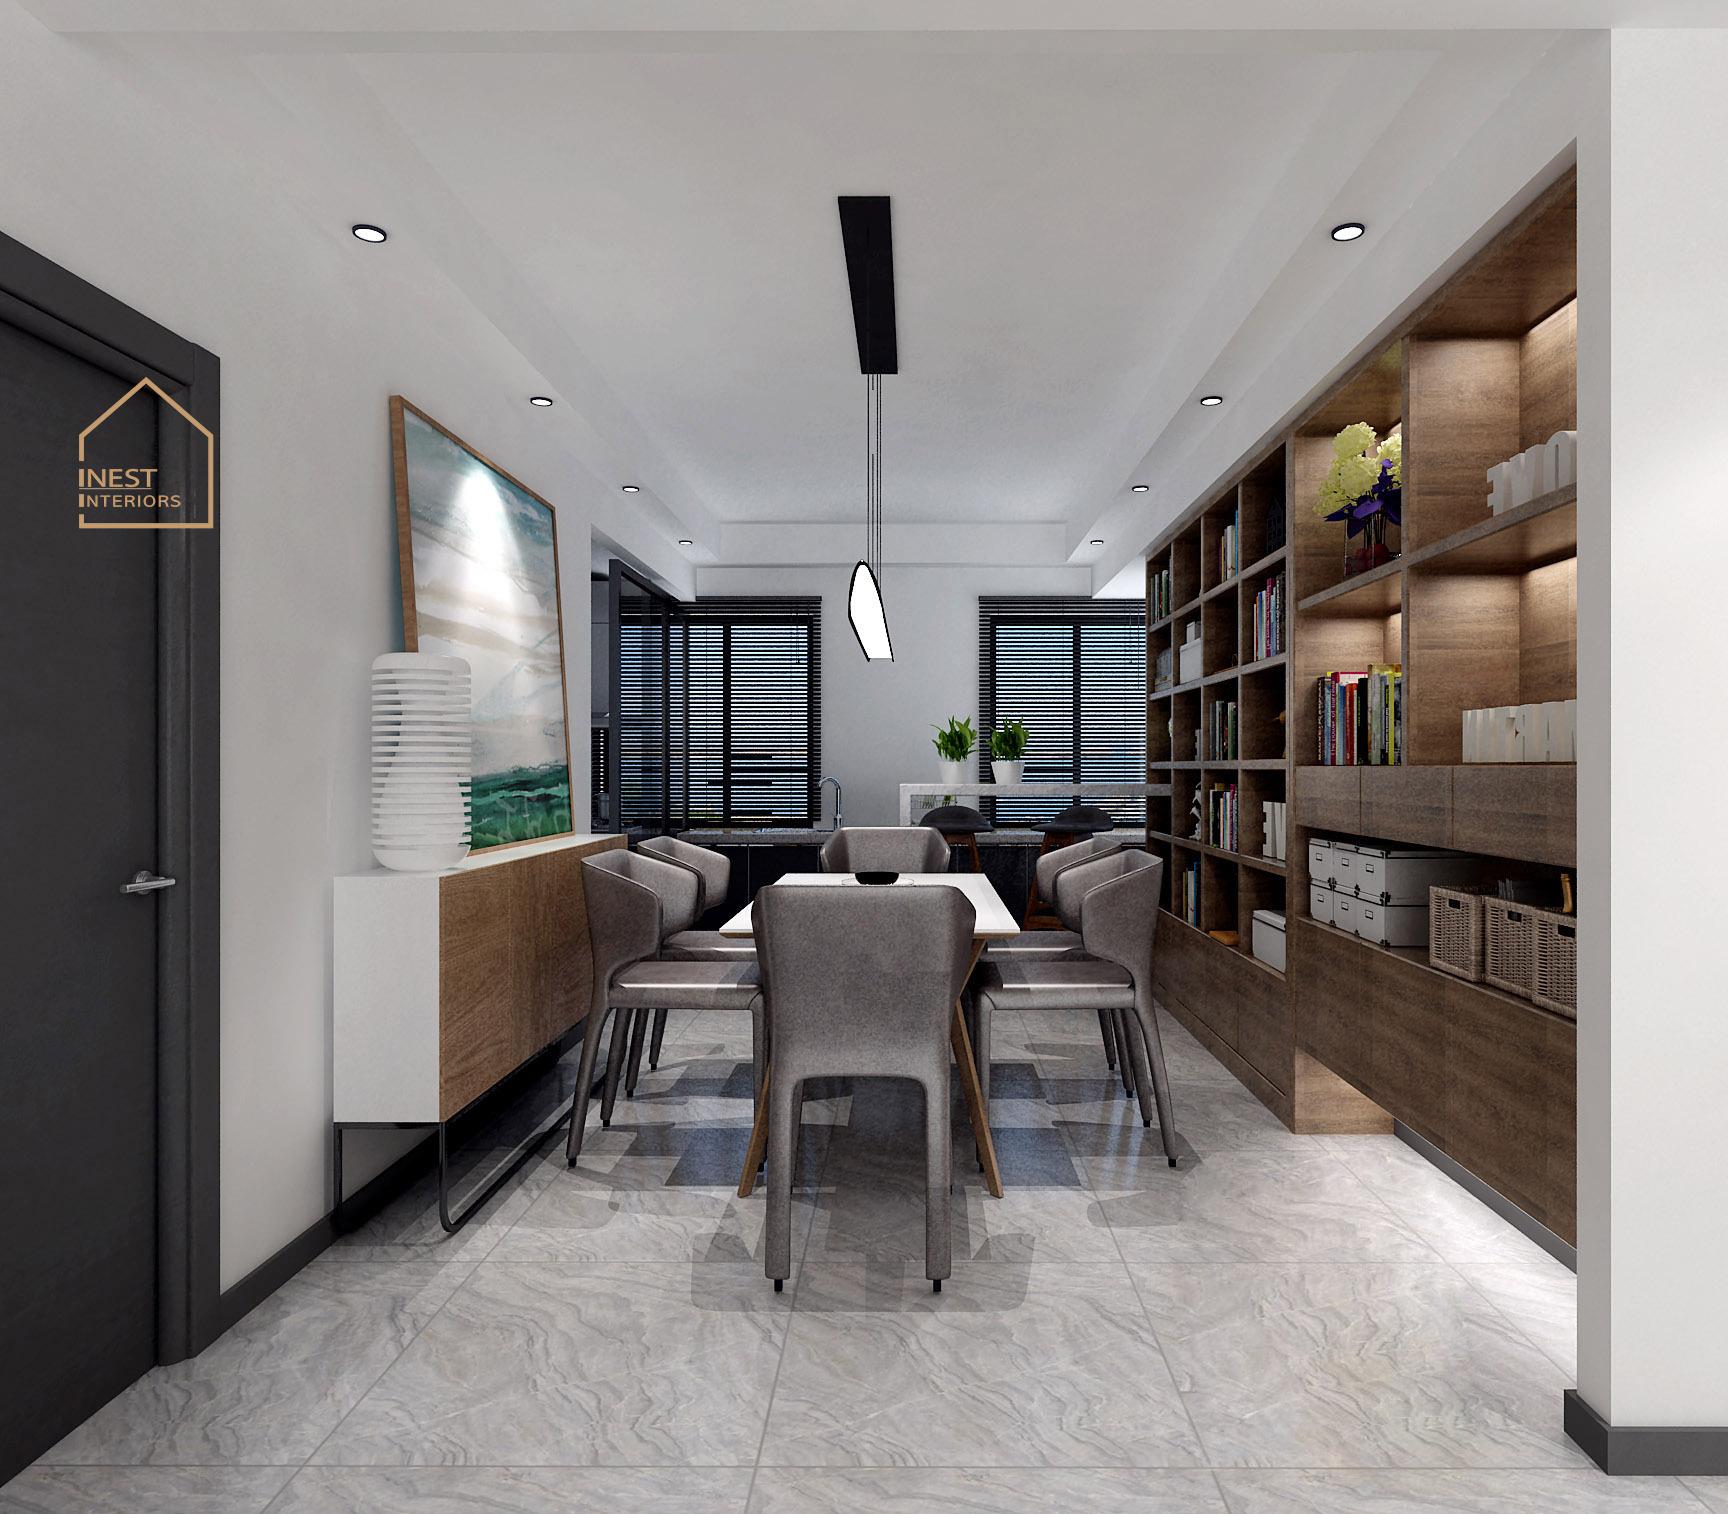 Ý tưởng thiết kế nội thất chung cư 3 phòng ngủ theo phong cách hiện đại